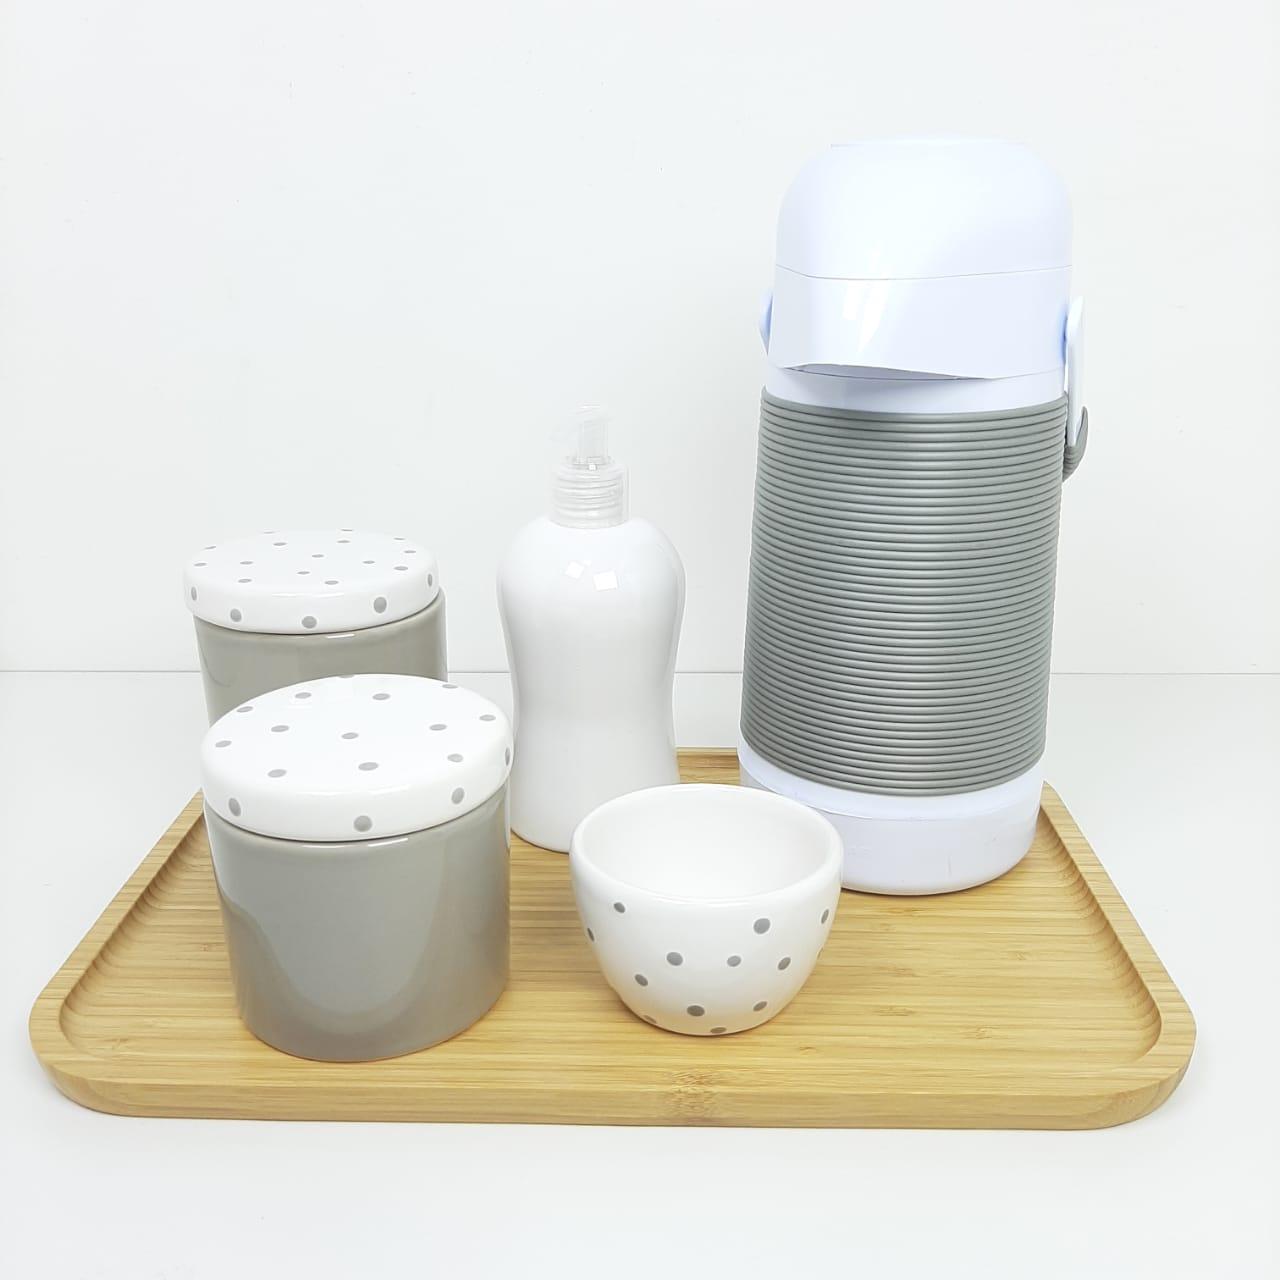 Kit Higiene | Cinza e Branco com Poá Cinza (LA2273)